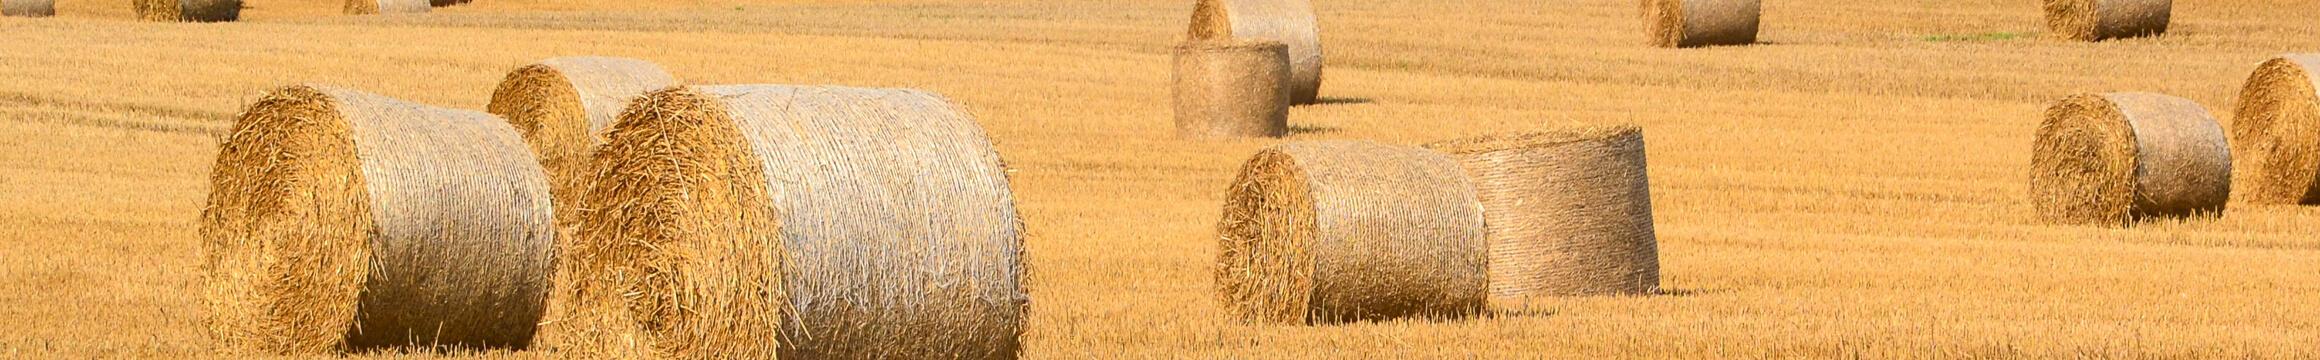 Rural 05